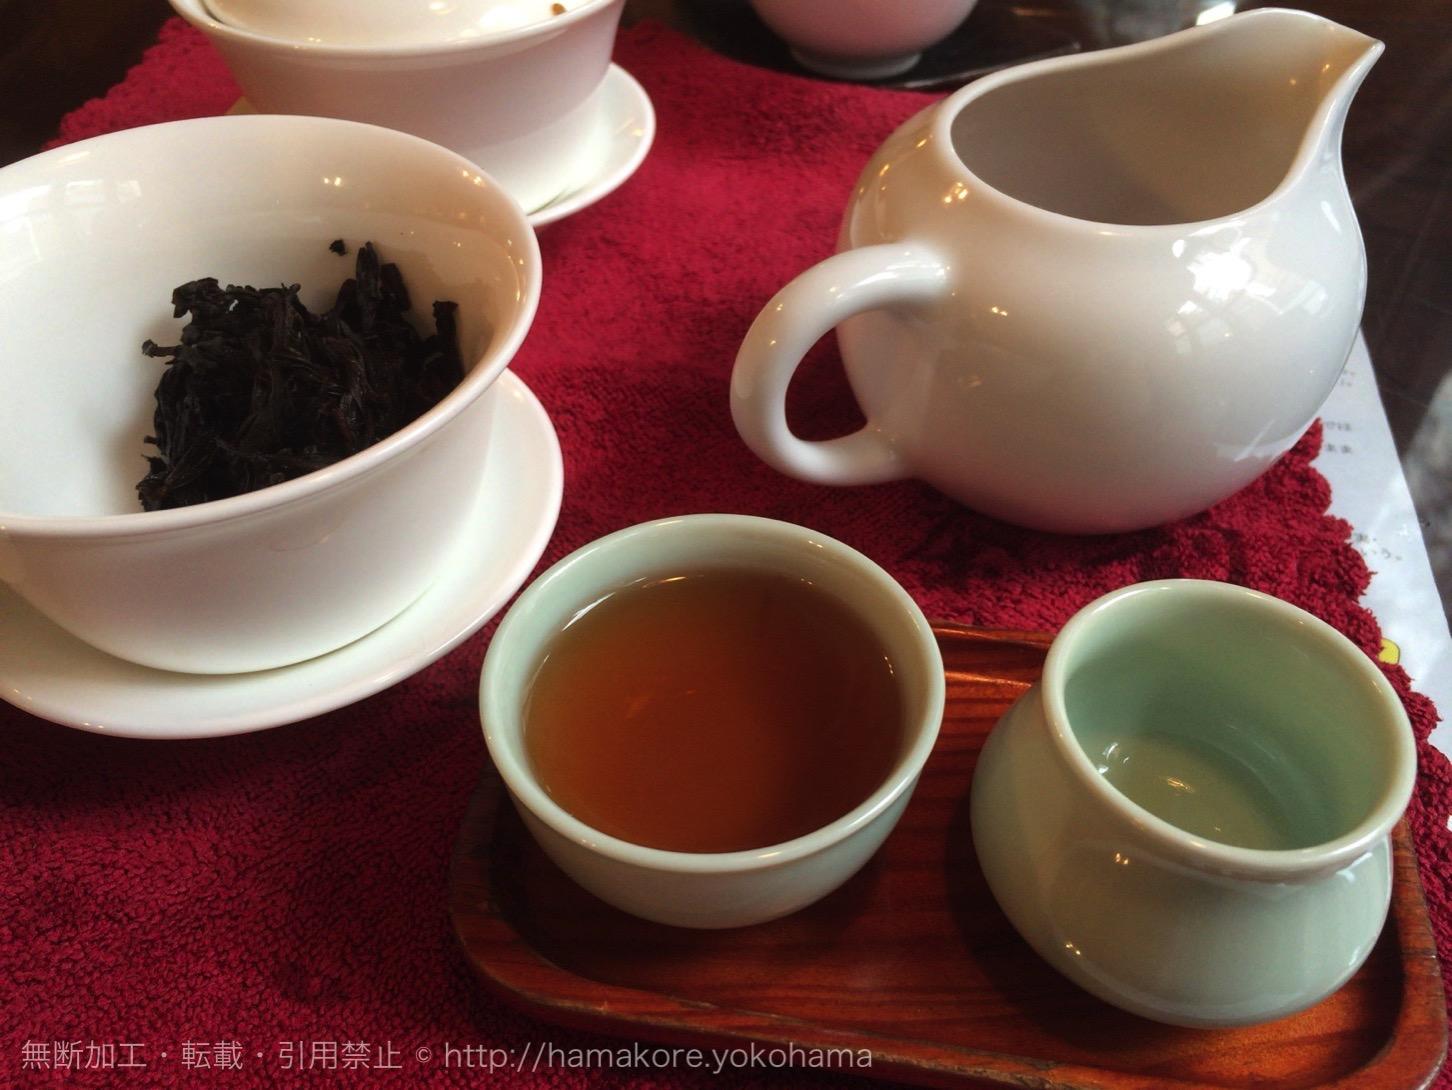 蒸らして中国茶の完成